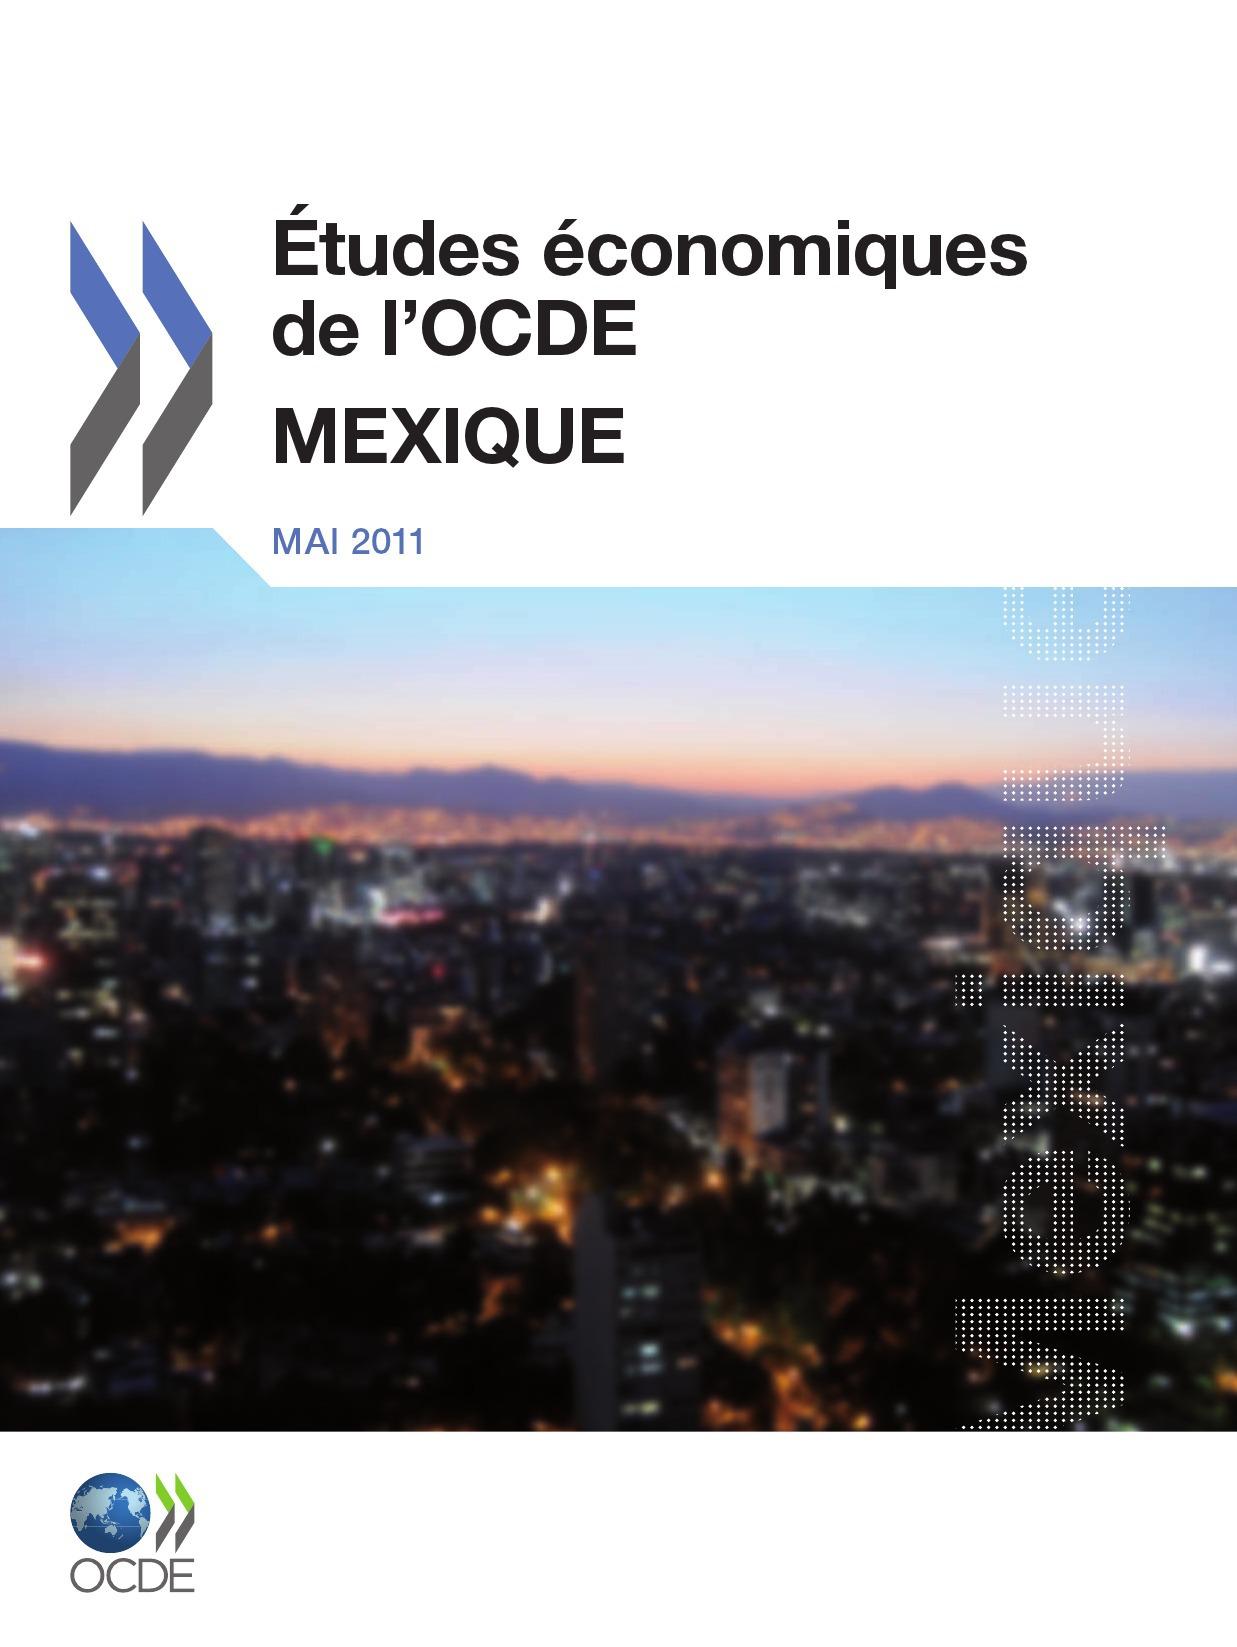 Collectif Études économiques de l'OCDE : Mexique 2011